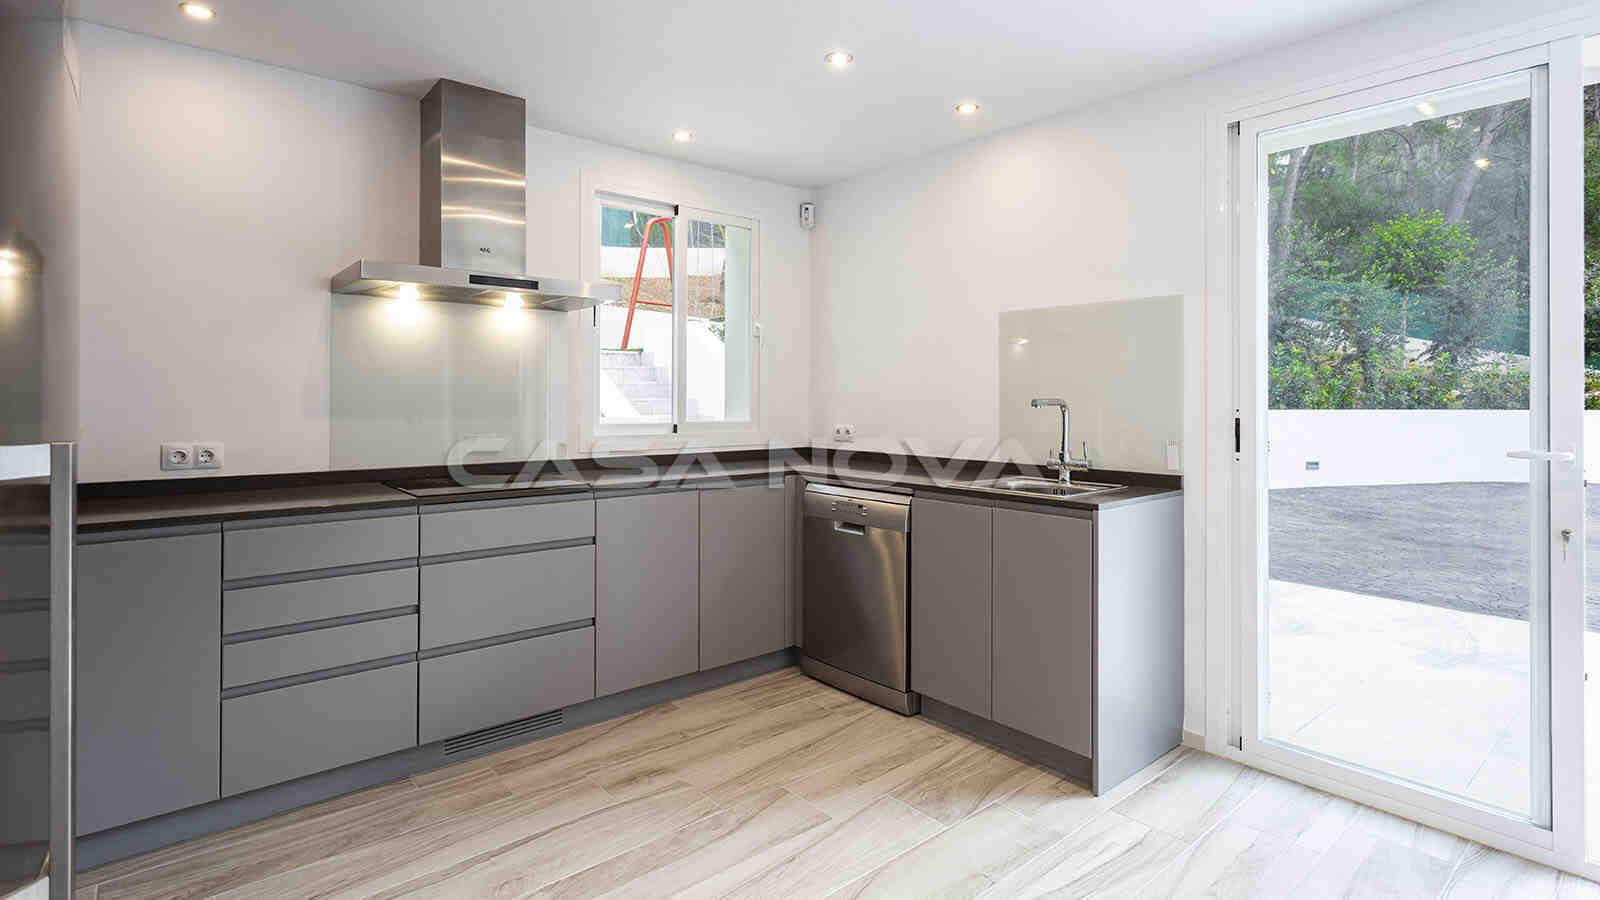 Hoch moderne Einbauküche mit Elektrogeräten